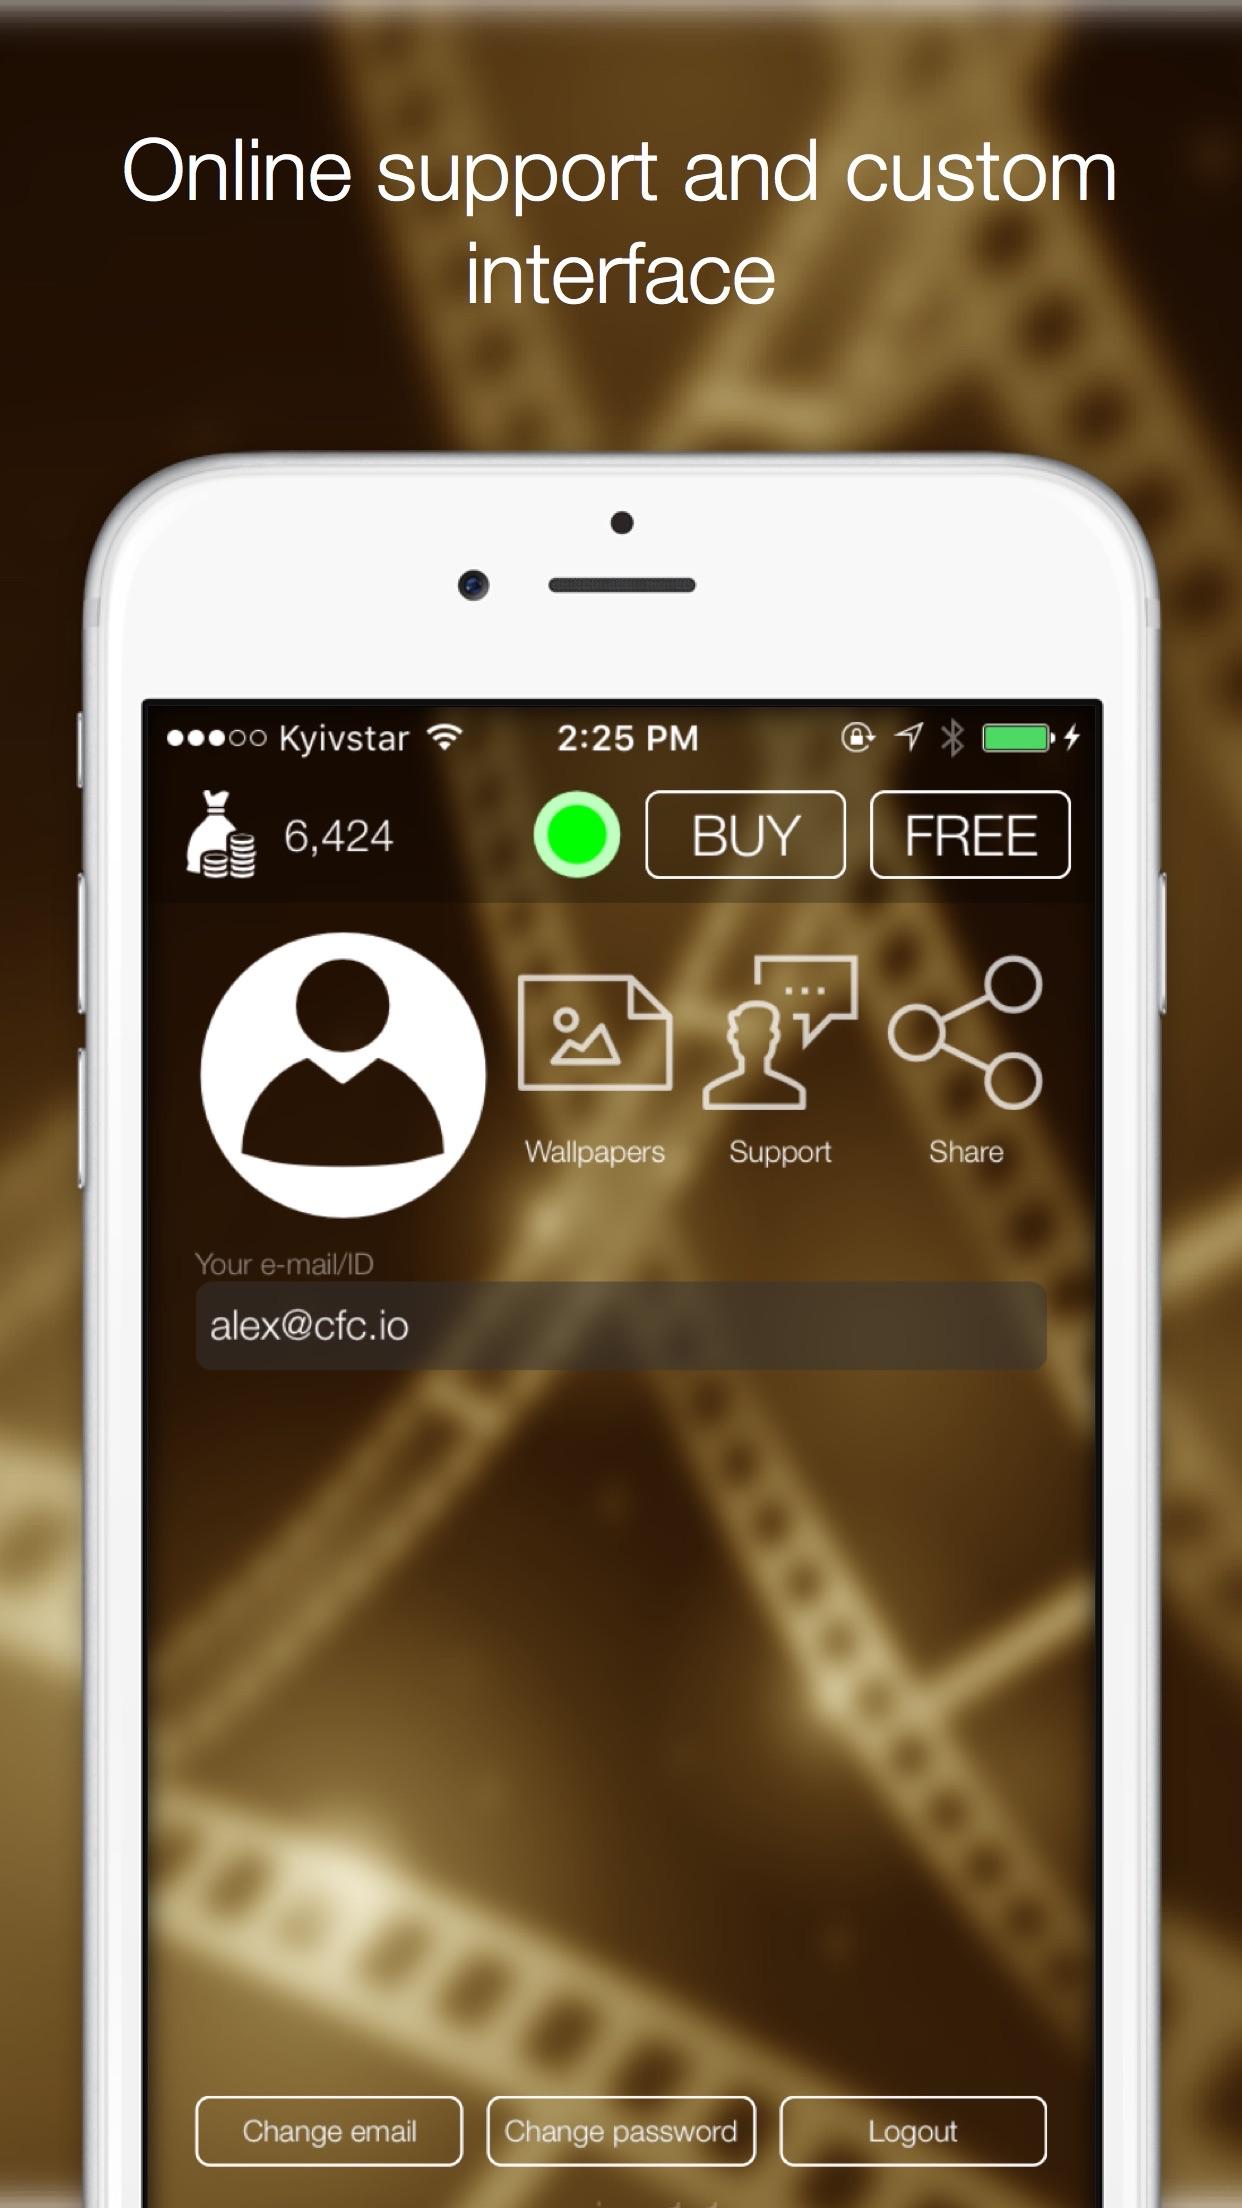 CFC Фильмы - Бесплатный кинотеатр онлайн Screenshot